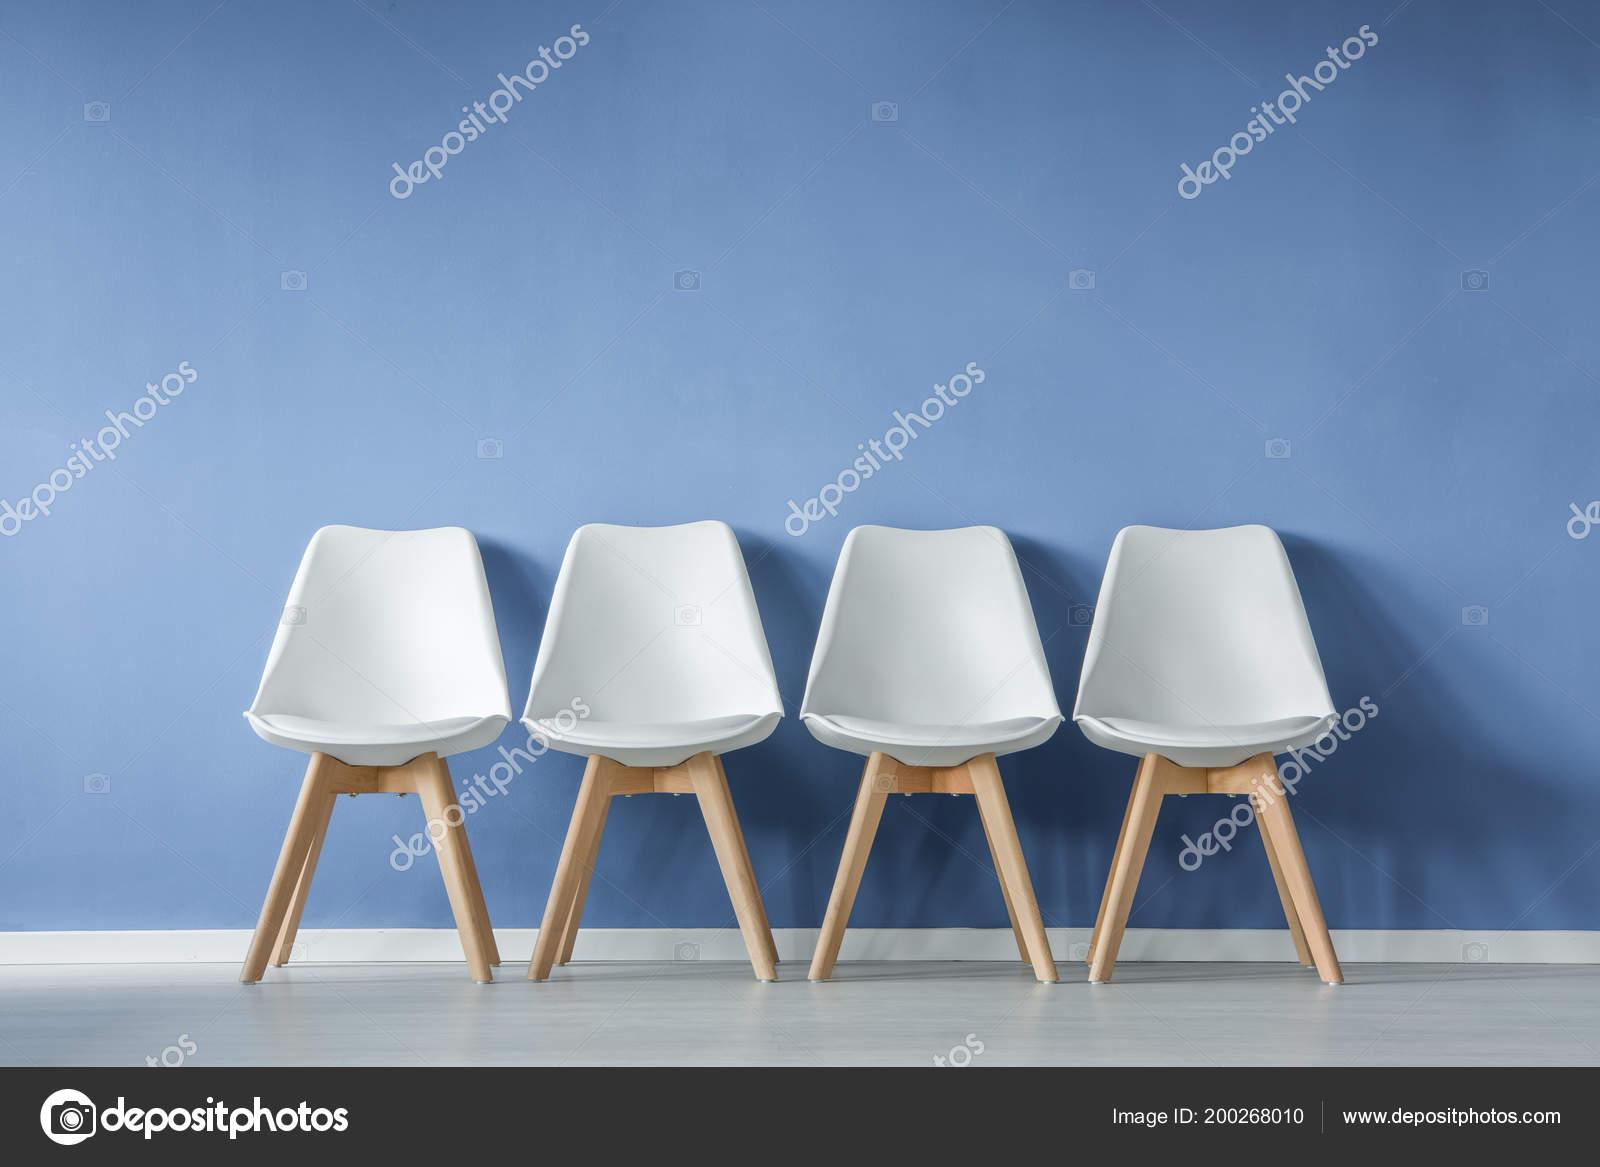 Vista frontale una fila sedie bianche moderne semplici contro